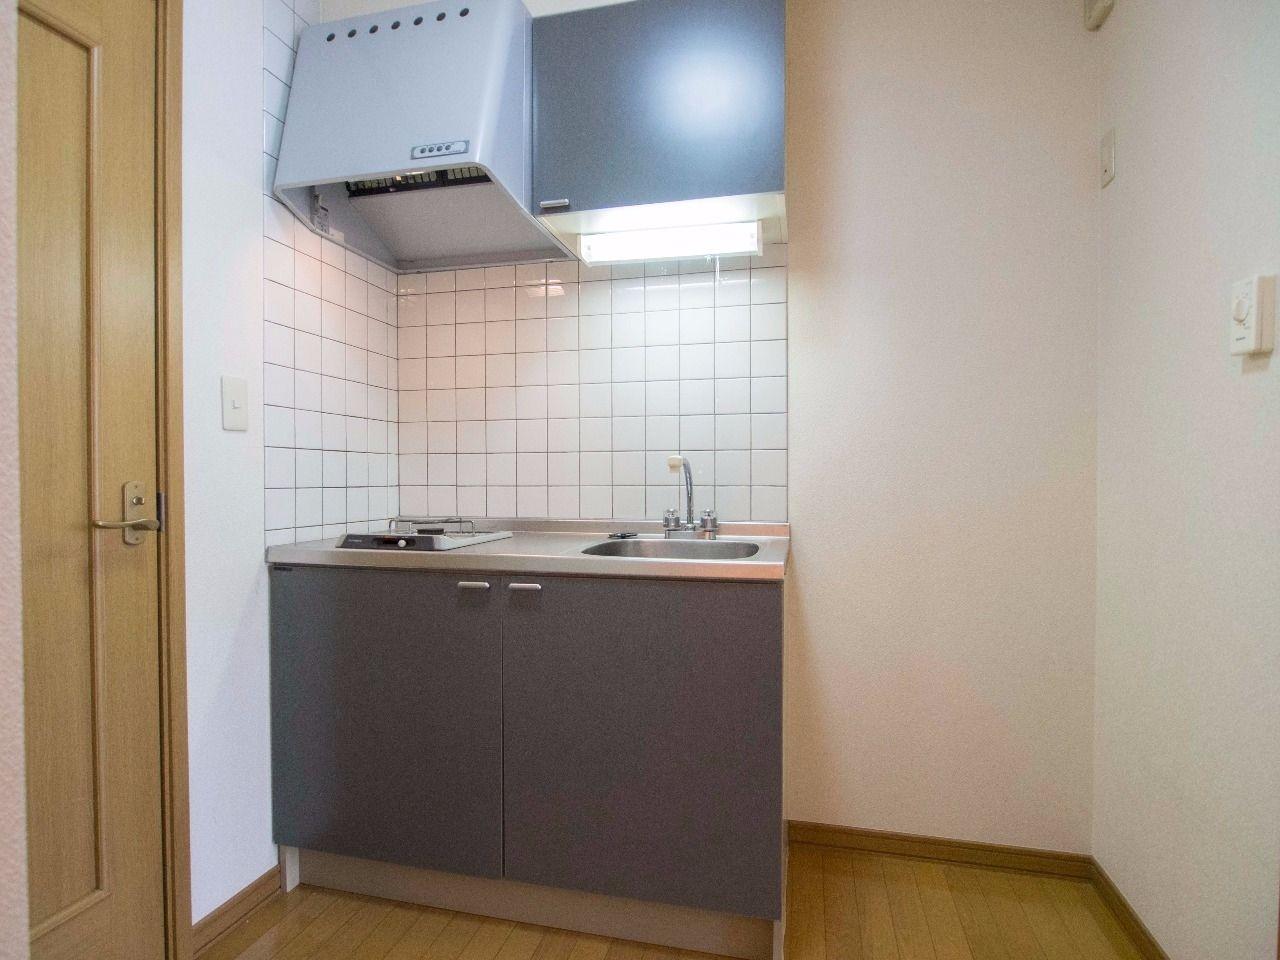 流し台横には冷蔵庫置場を確保